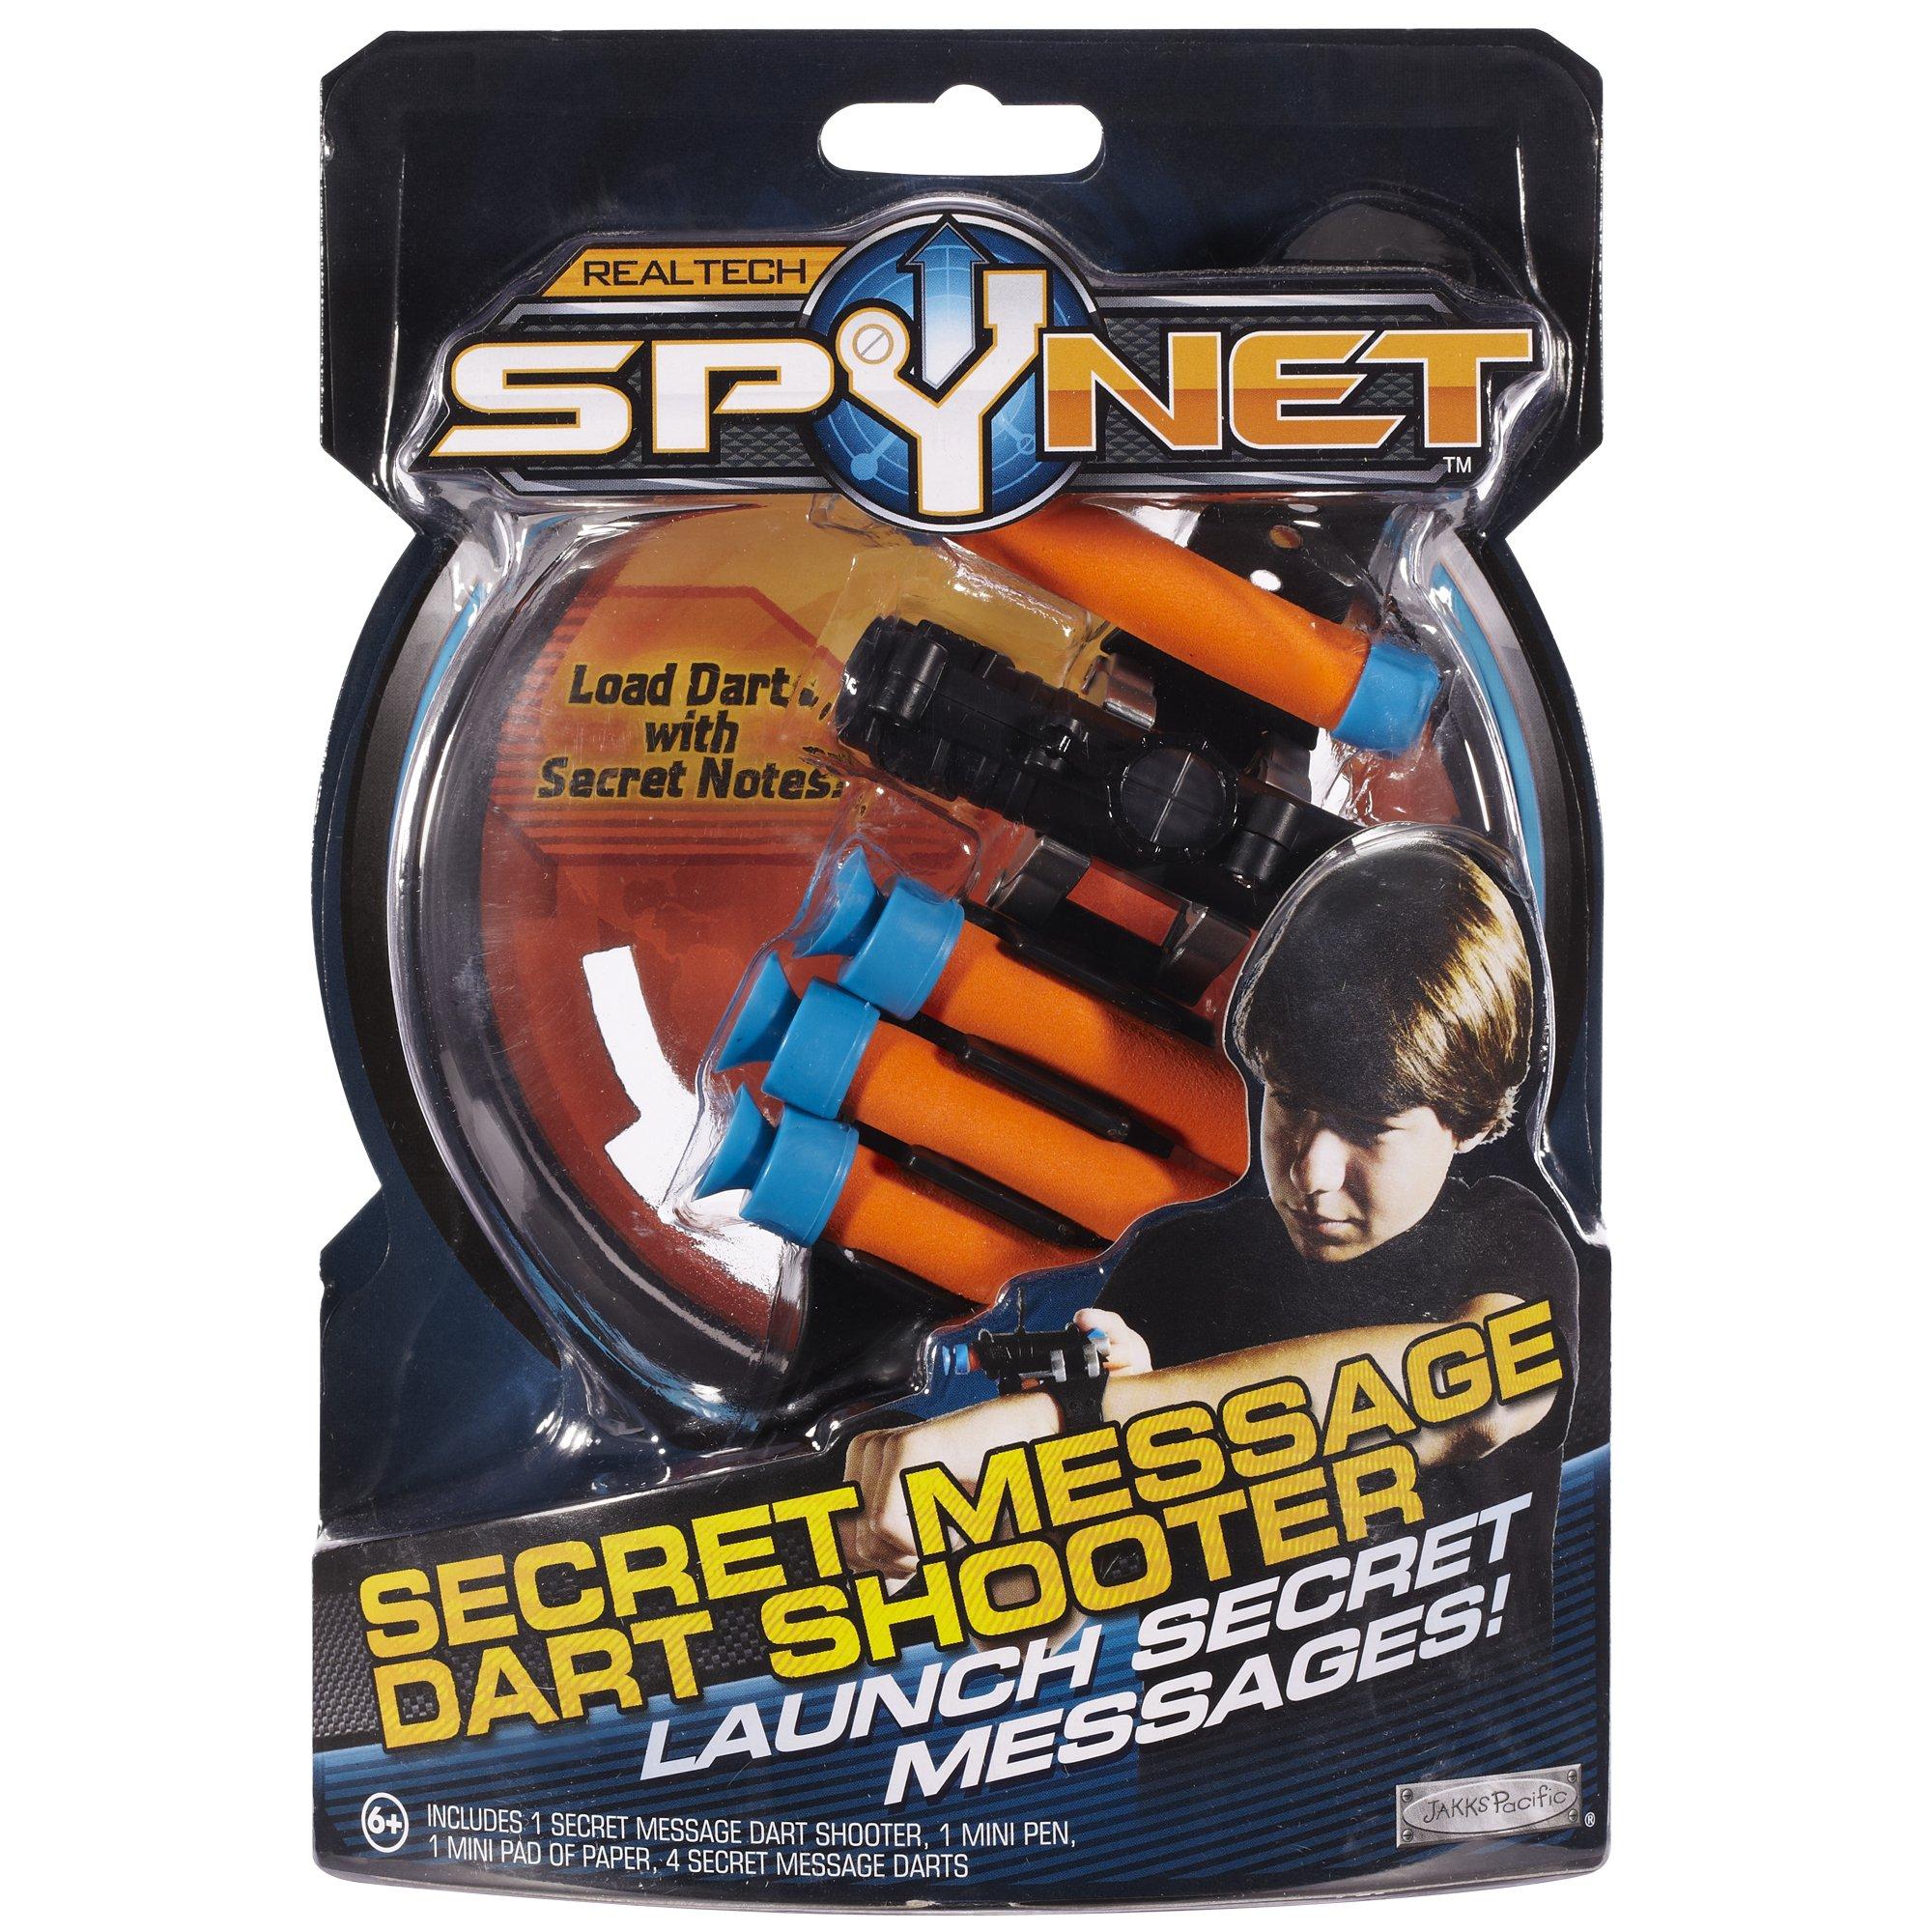 Spy Net Secret Message Dart Shooter